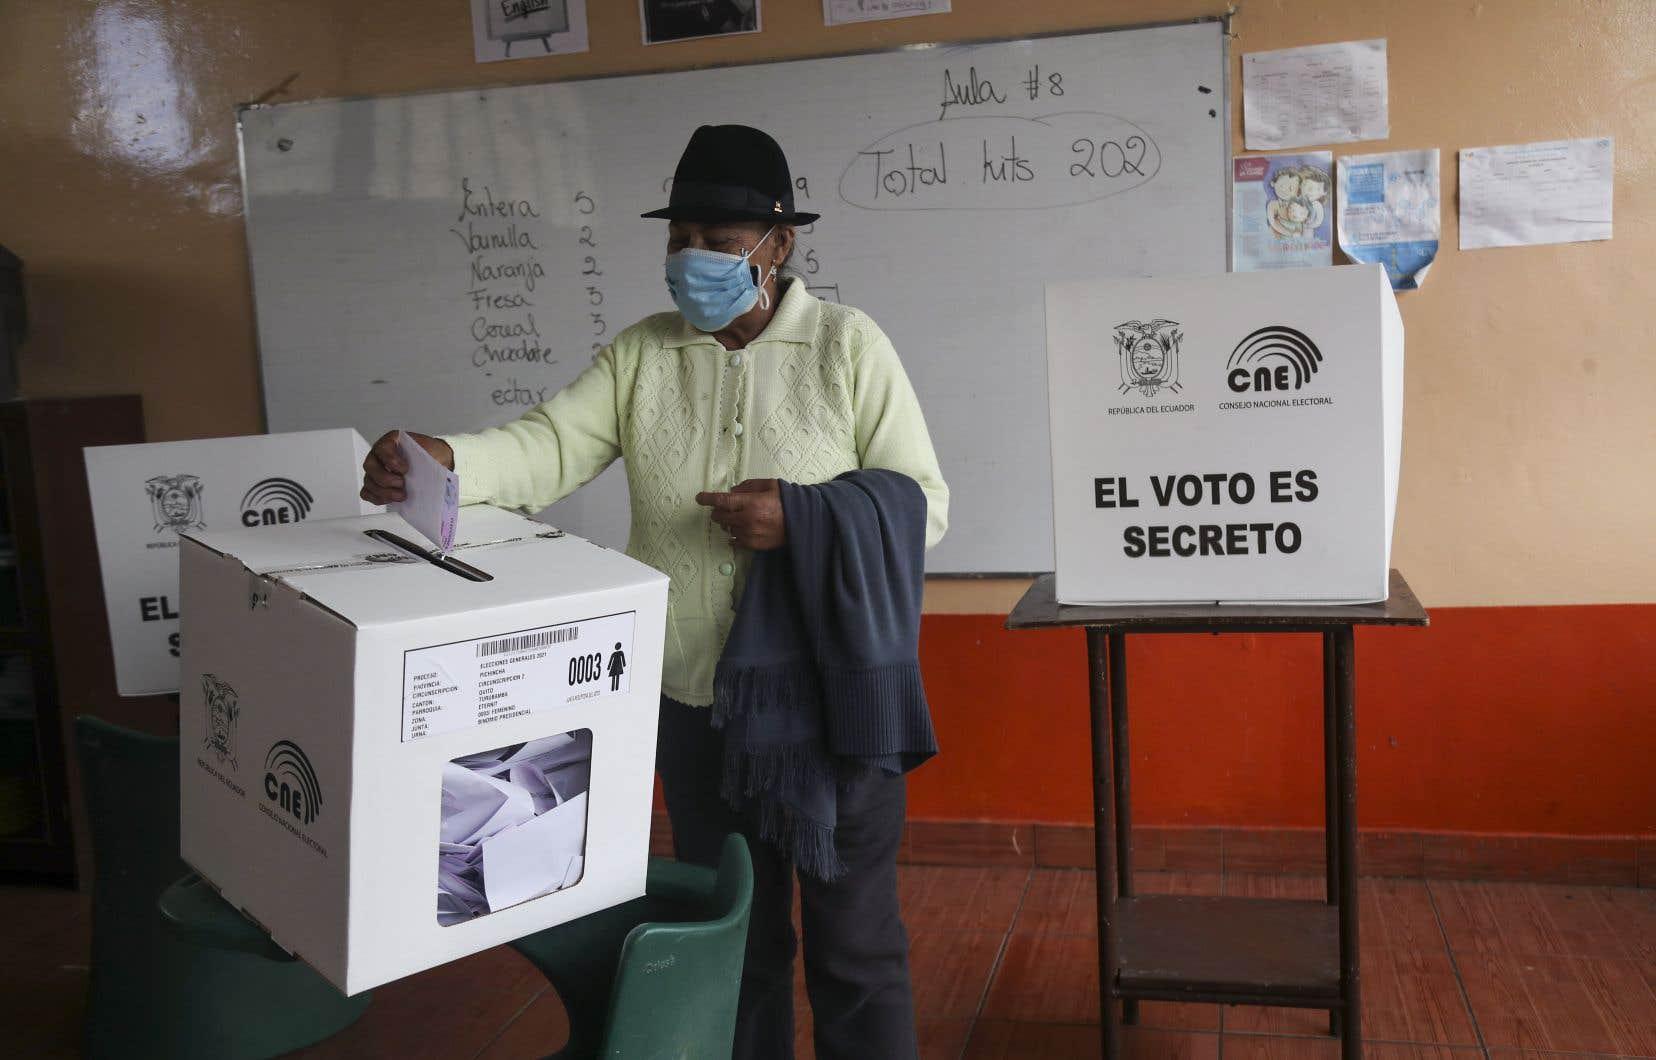 L'élection s'est déroulée sur fond d'aggravation par la pandémie de COVID-19 de la sévère crise économique que traverse le pays.